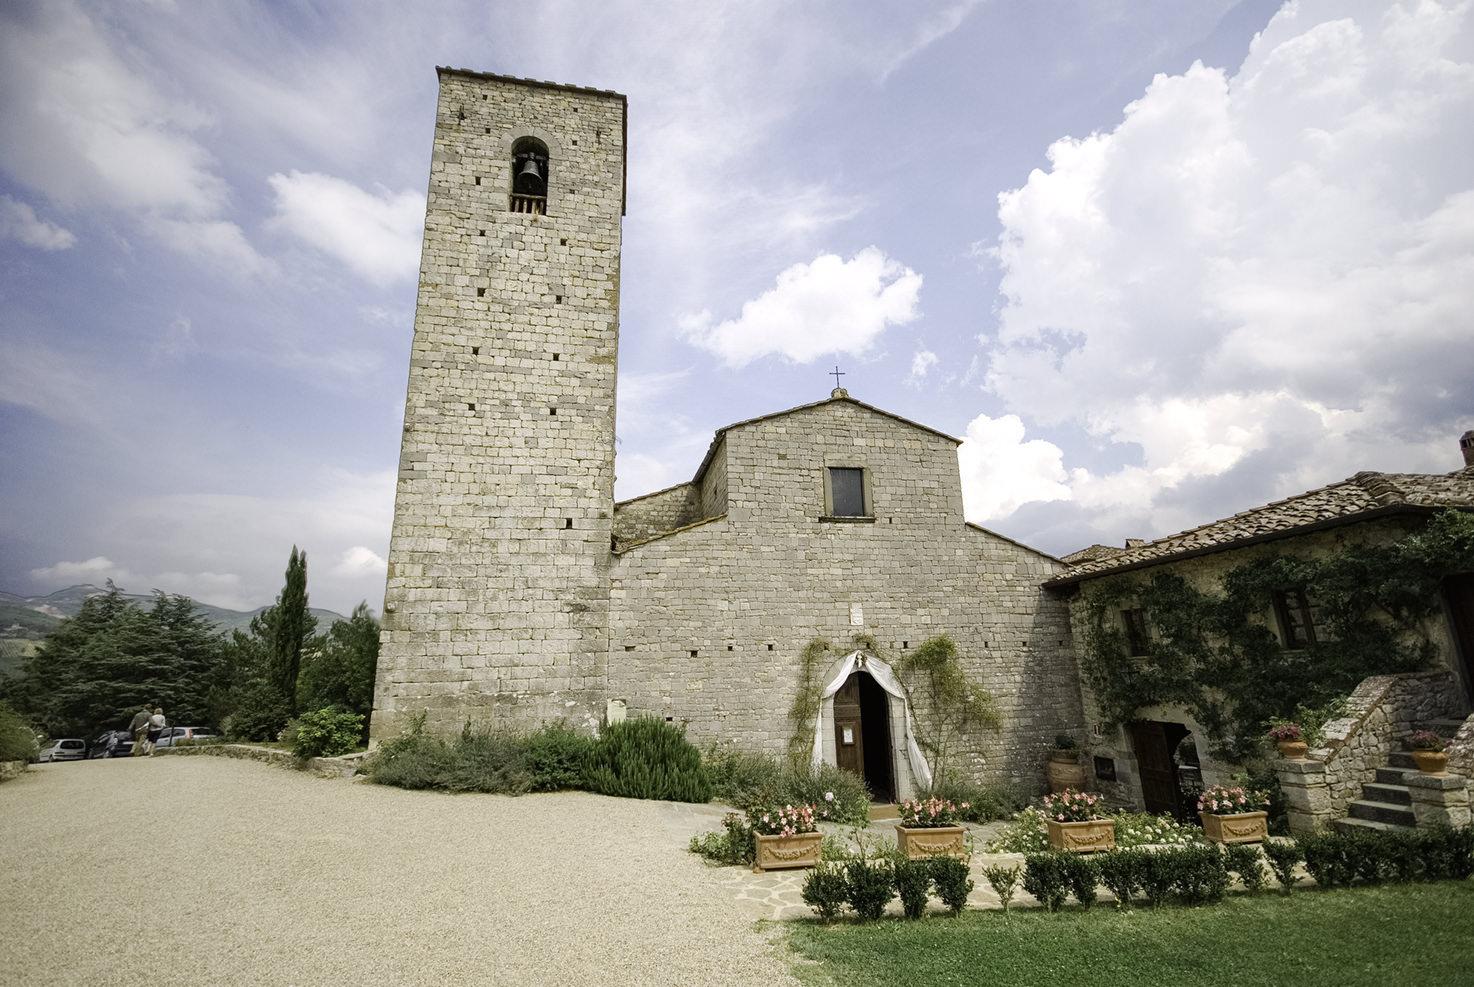 Pieve di Spaltenna, Gaiole in Chianti